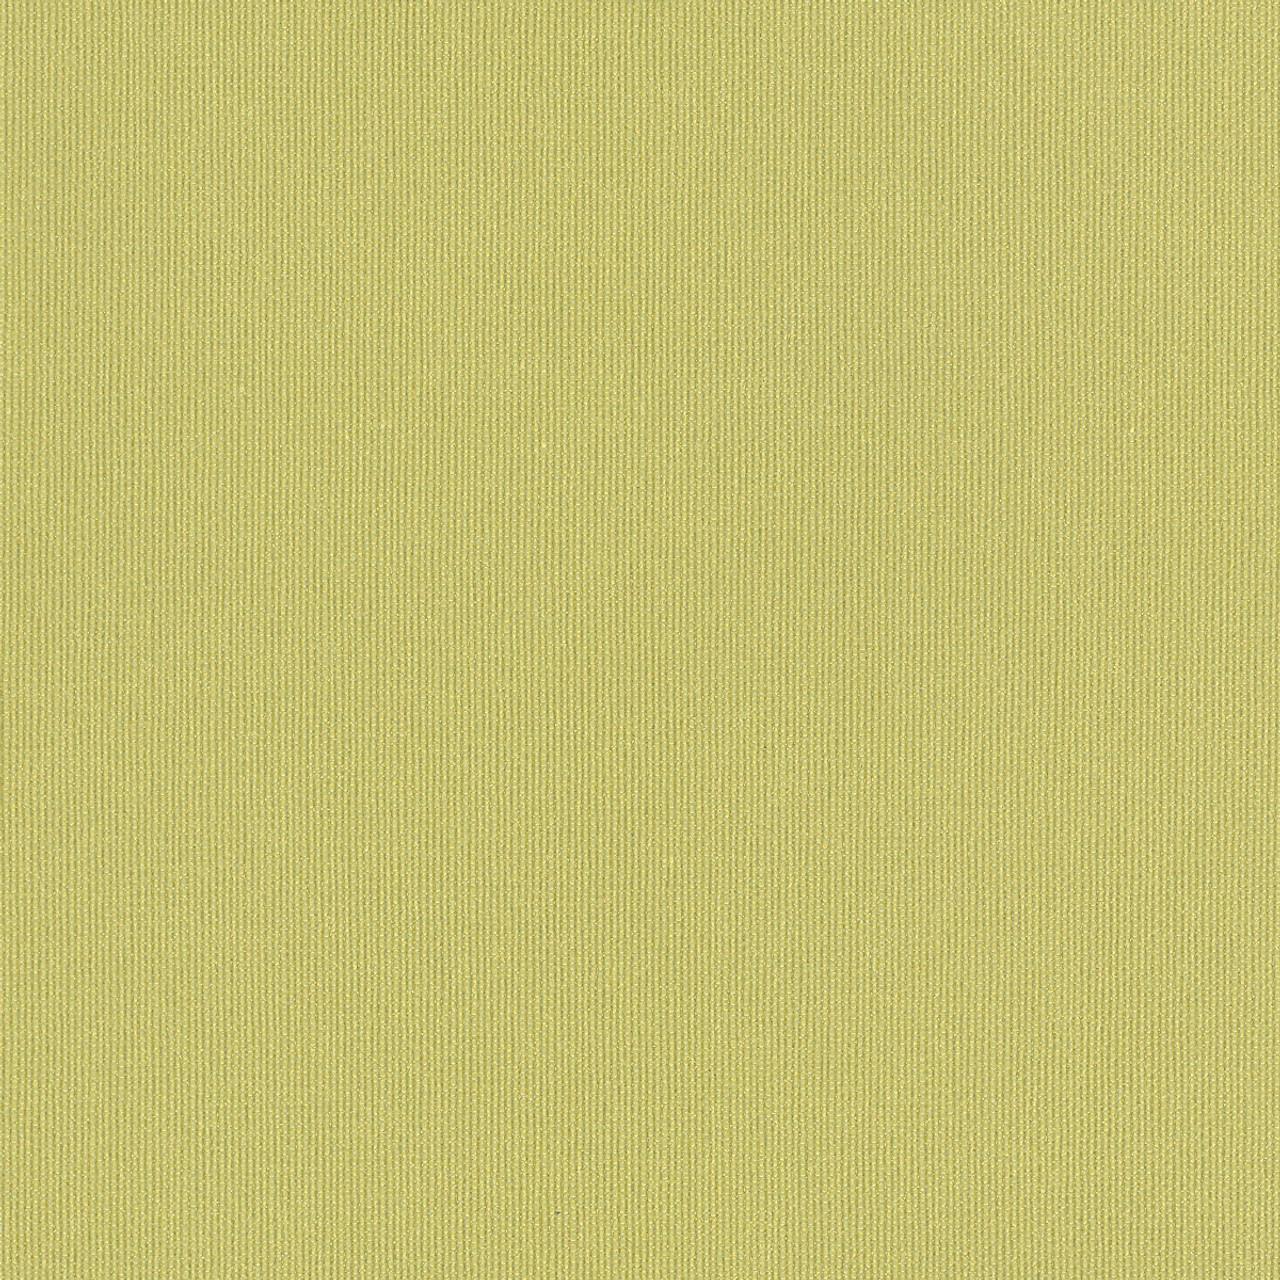 Silvertex STX-8819 Celery